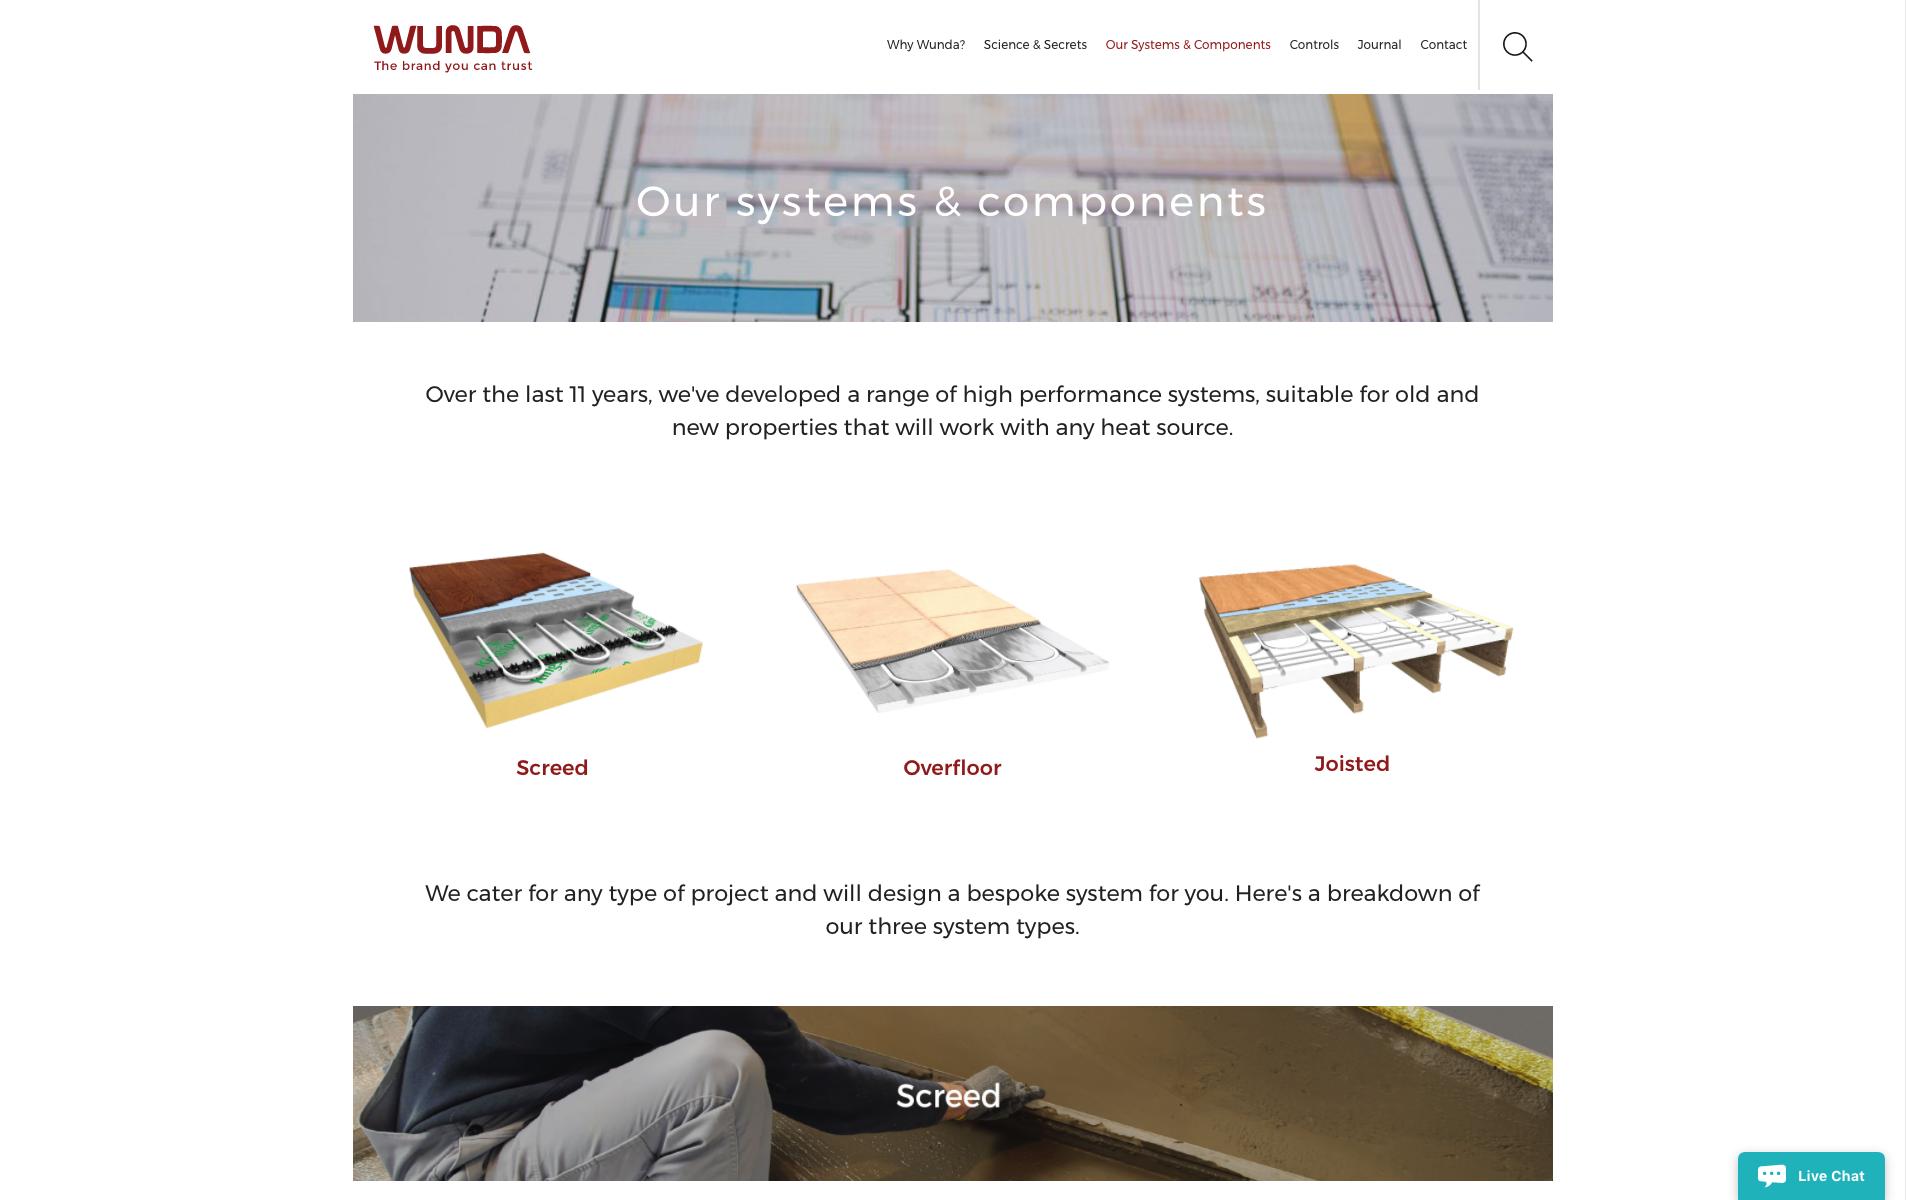 wunda-systems